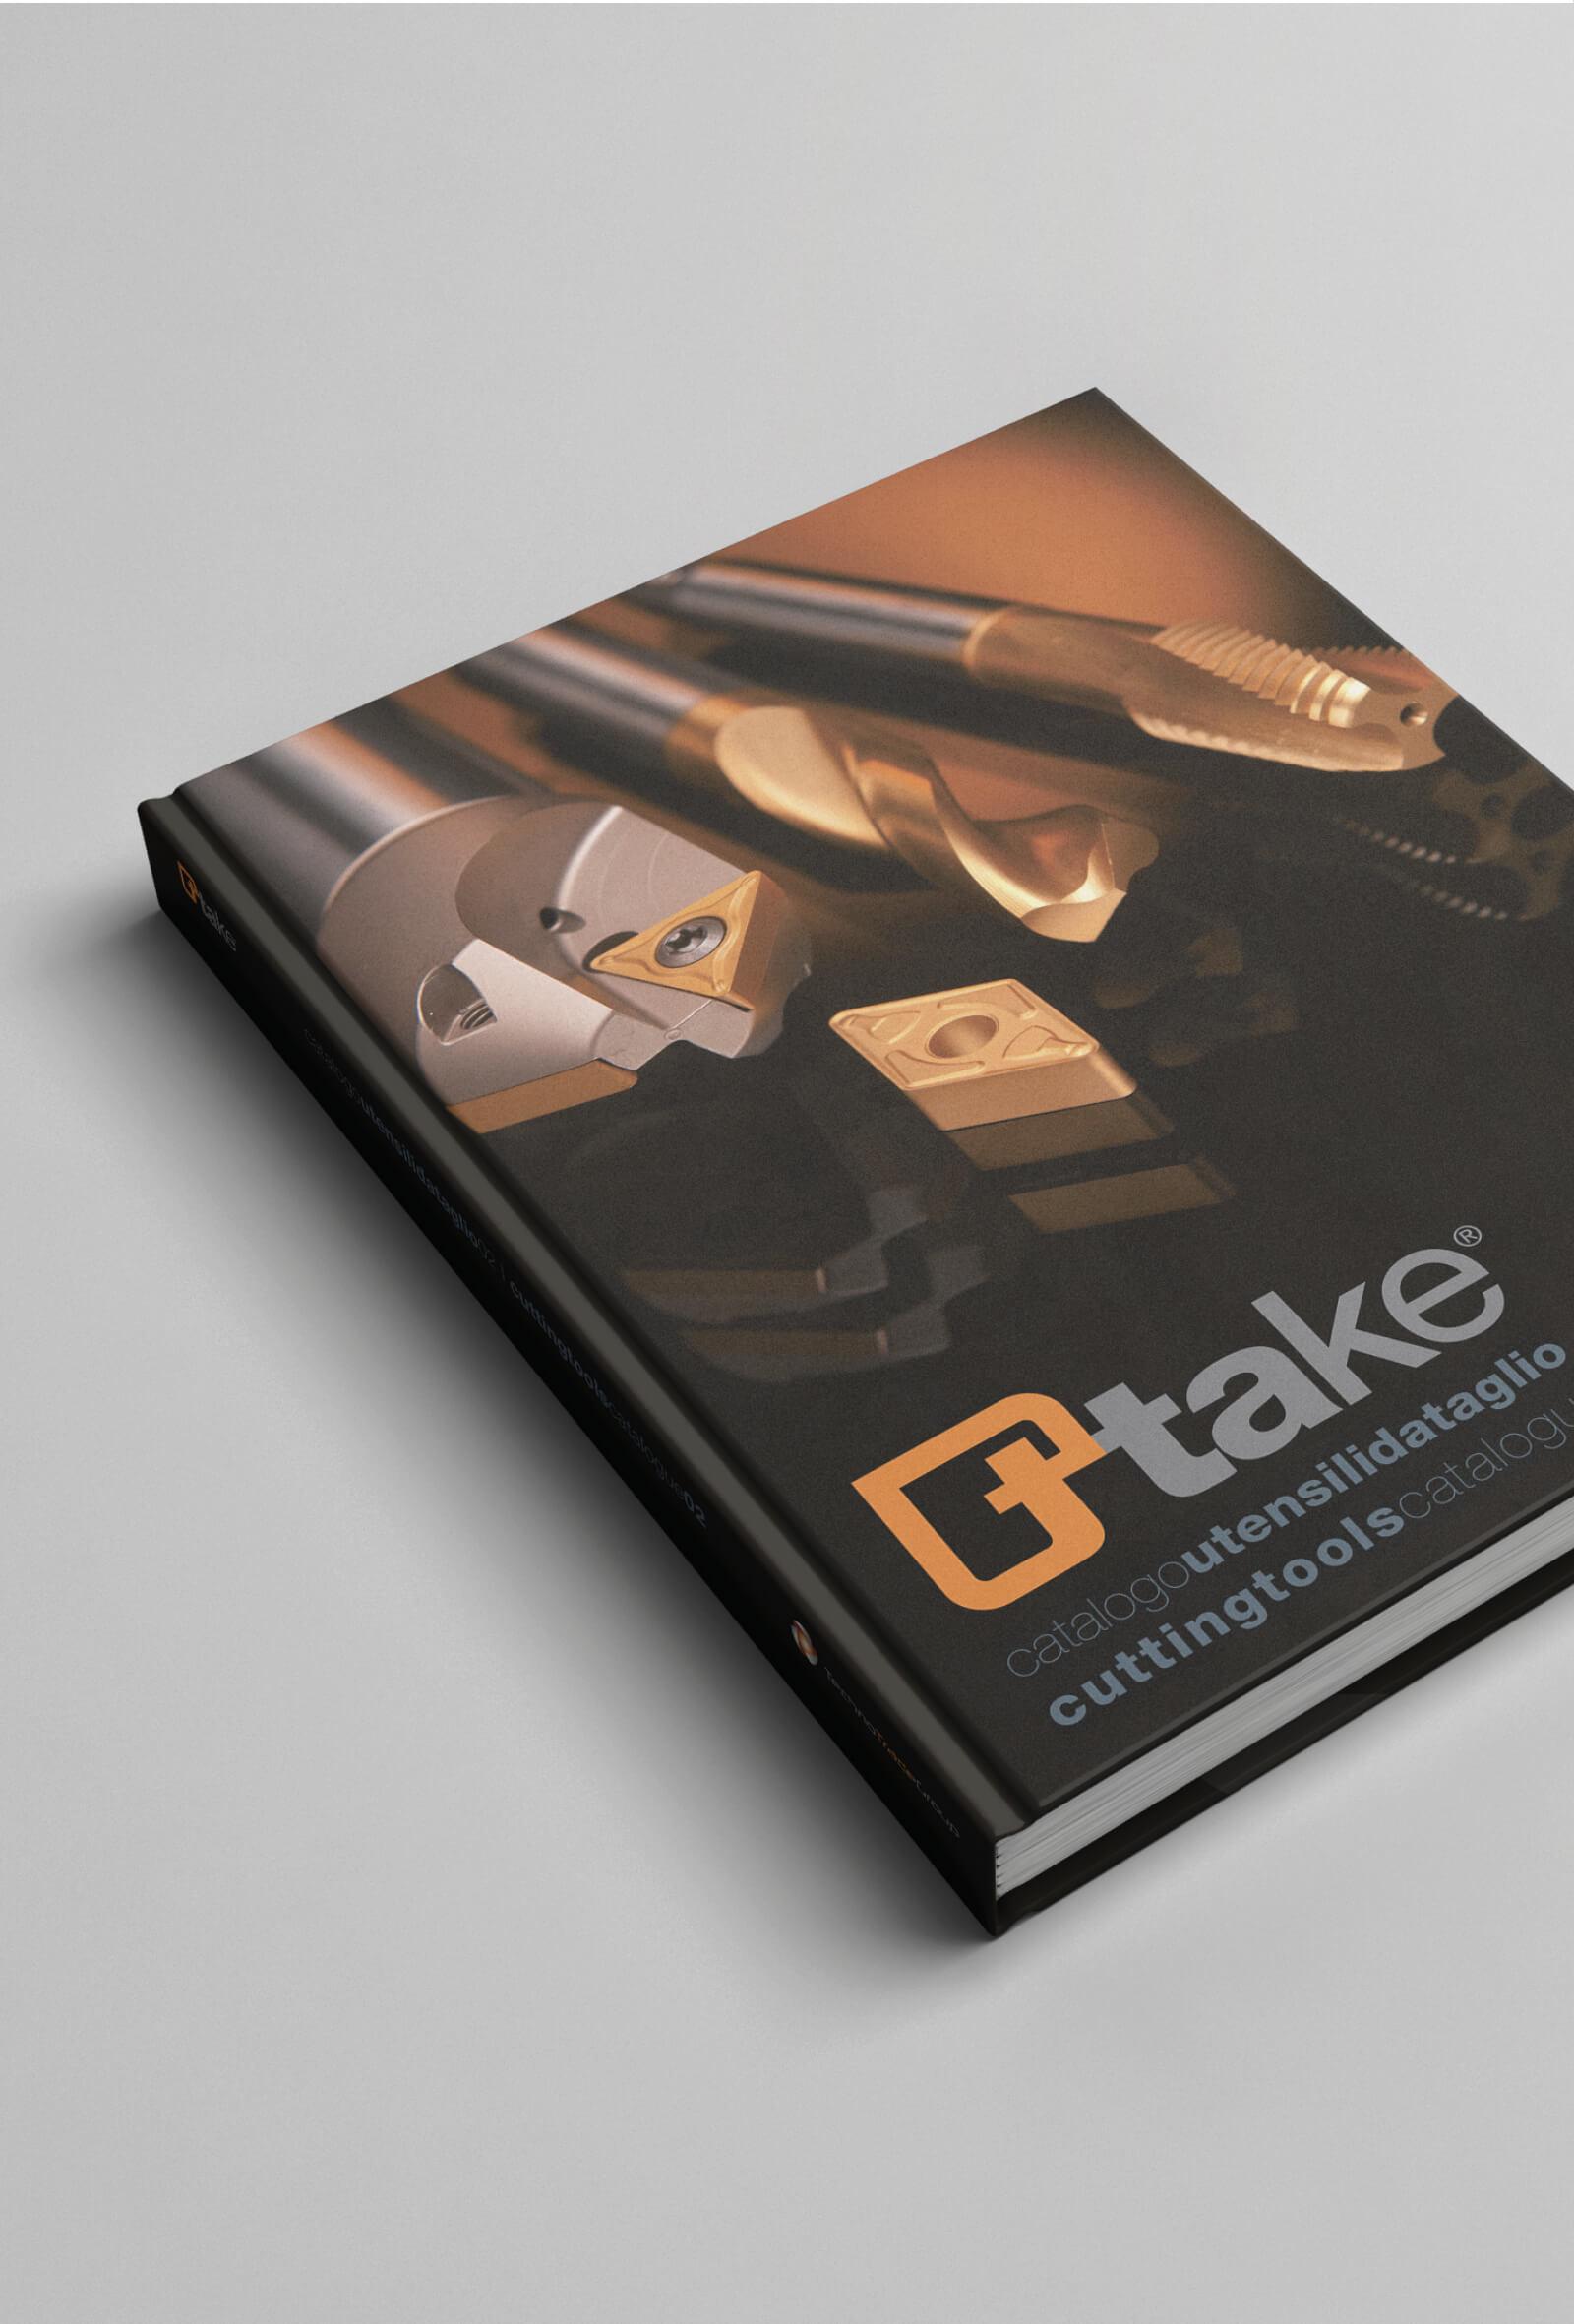 copertina catalogo utensili da taglio ttake, progettata dalla agenzia di comunicazione diadestudio arco di trento